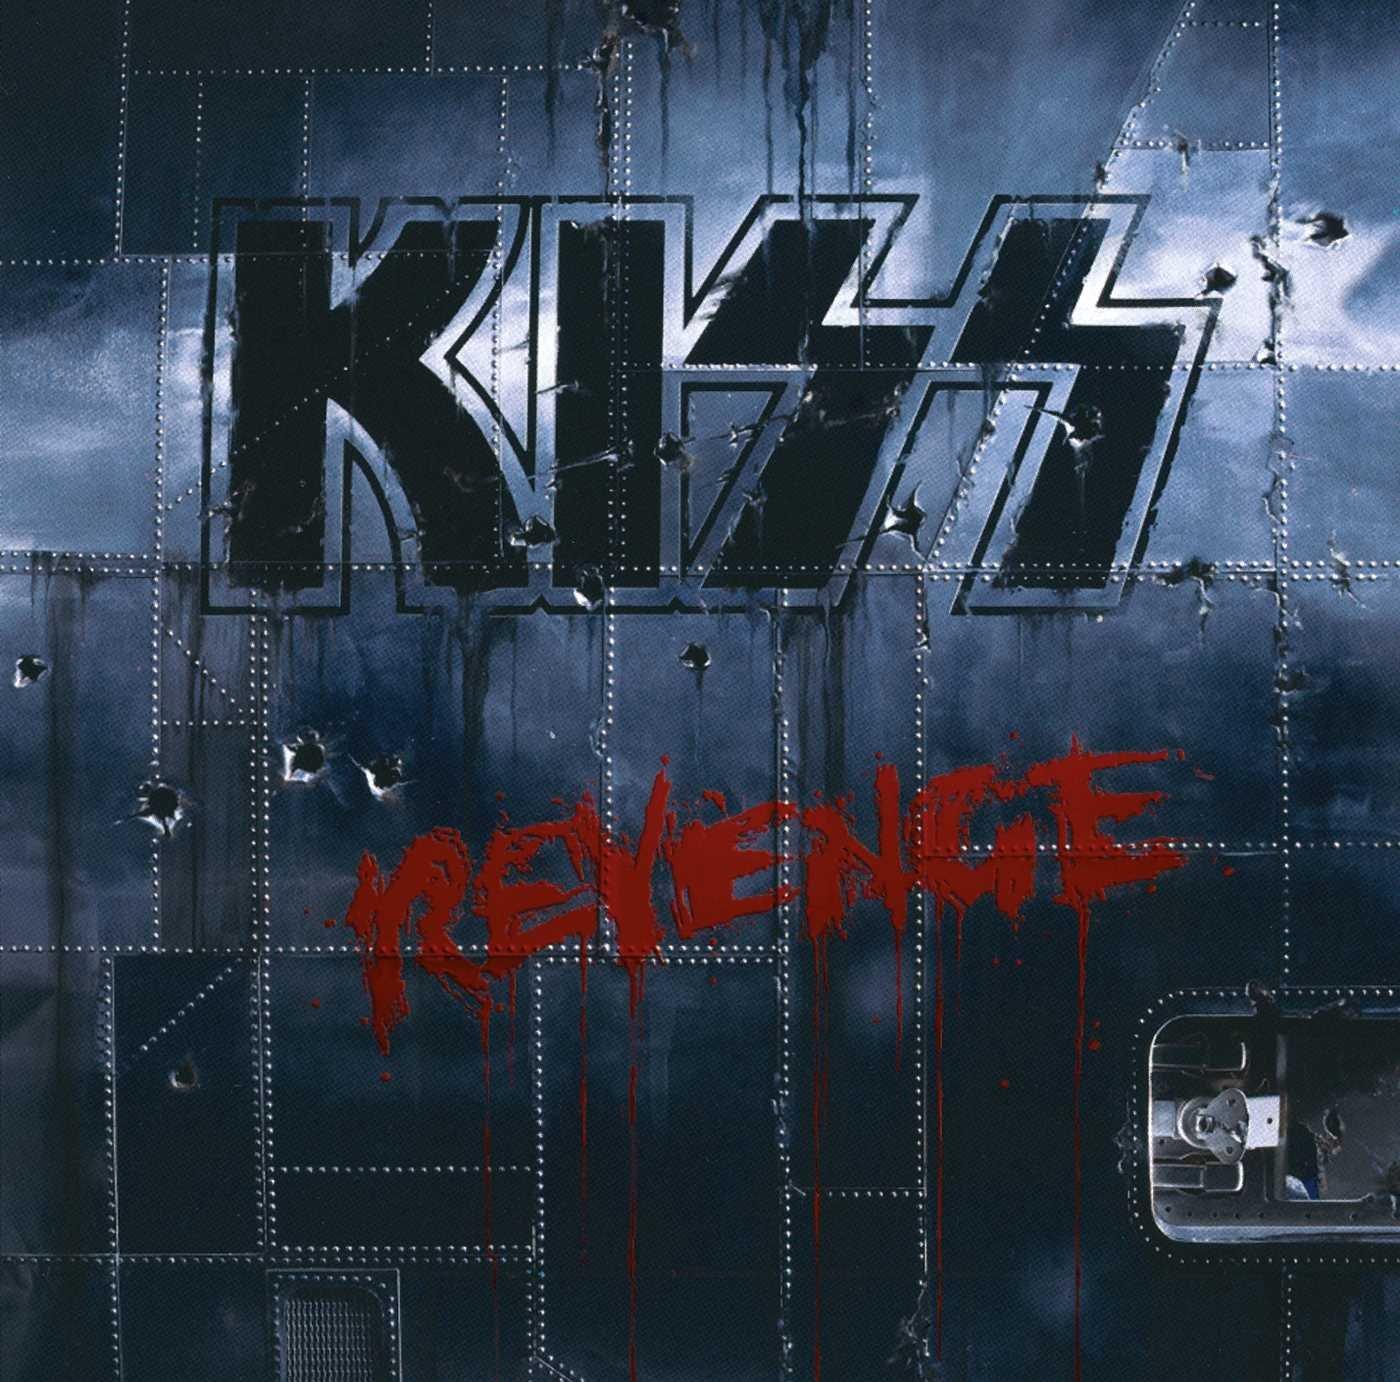 CD : Kiss - Revenge